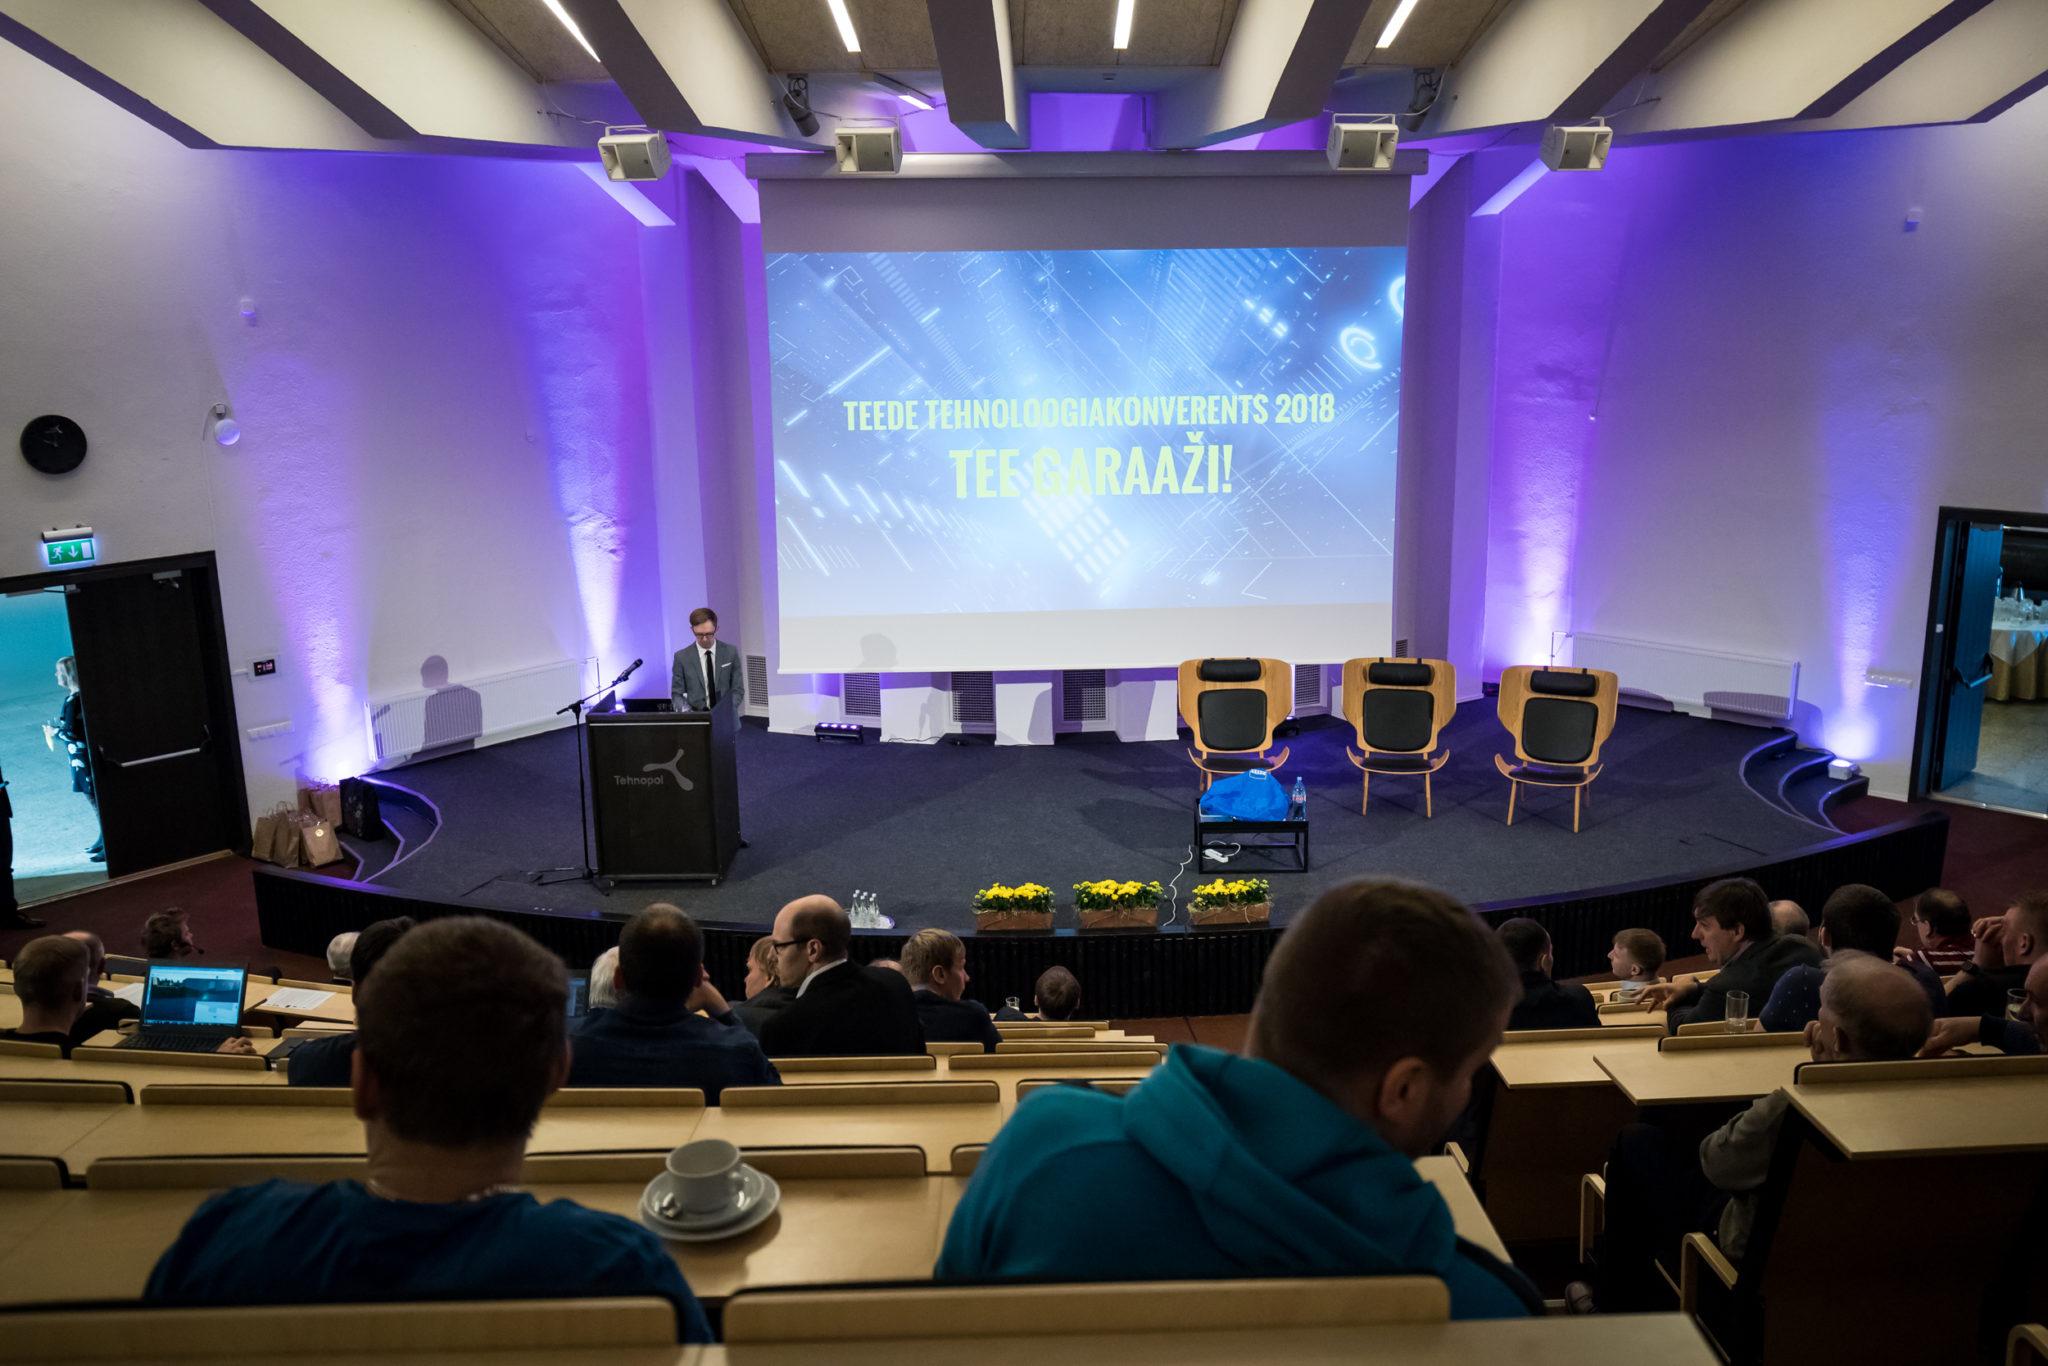 Teede Tehnoloogiakonverents 2018 ettekanded ja pildid